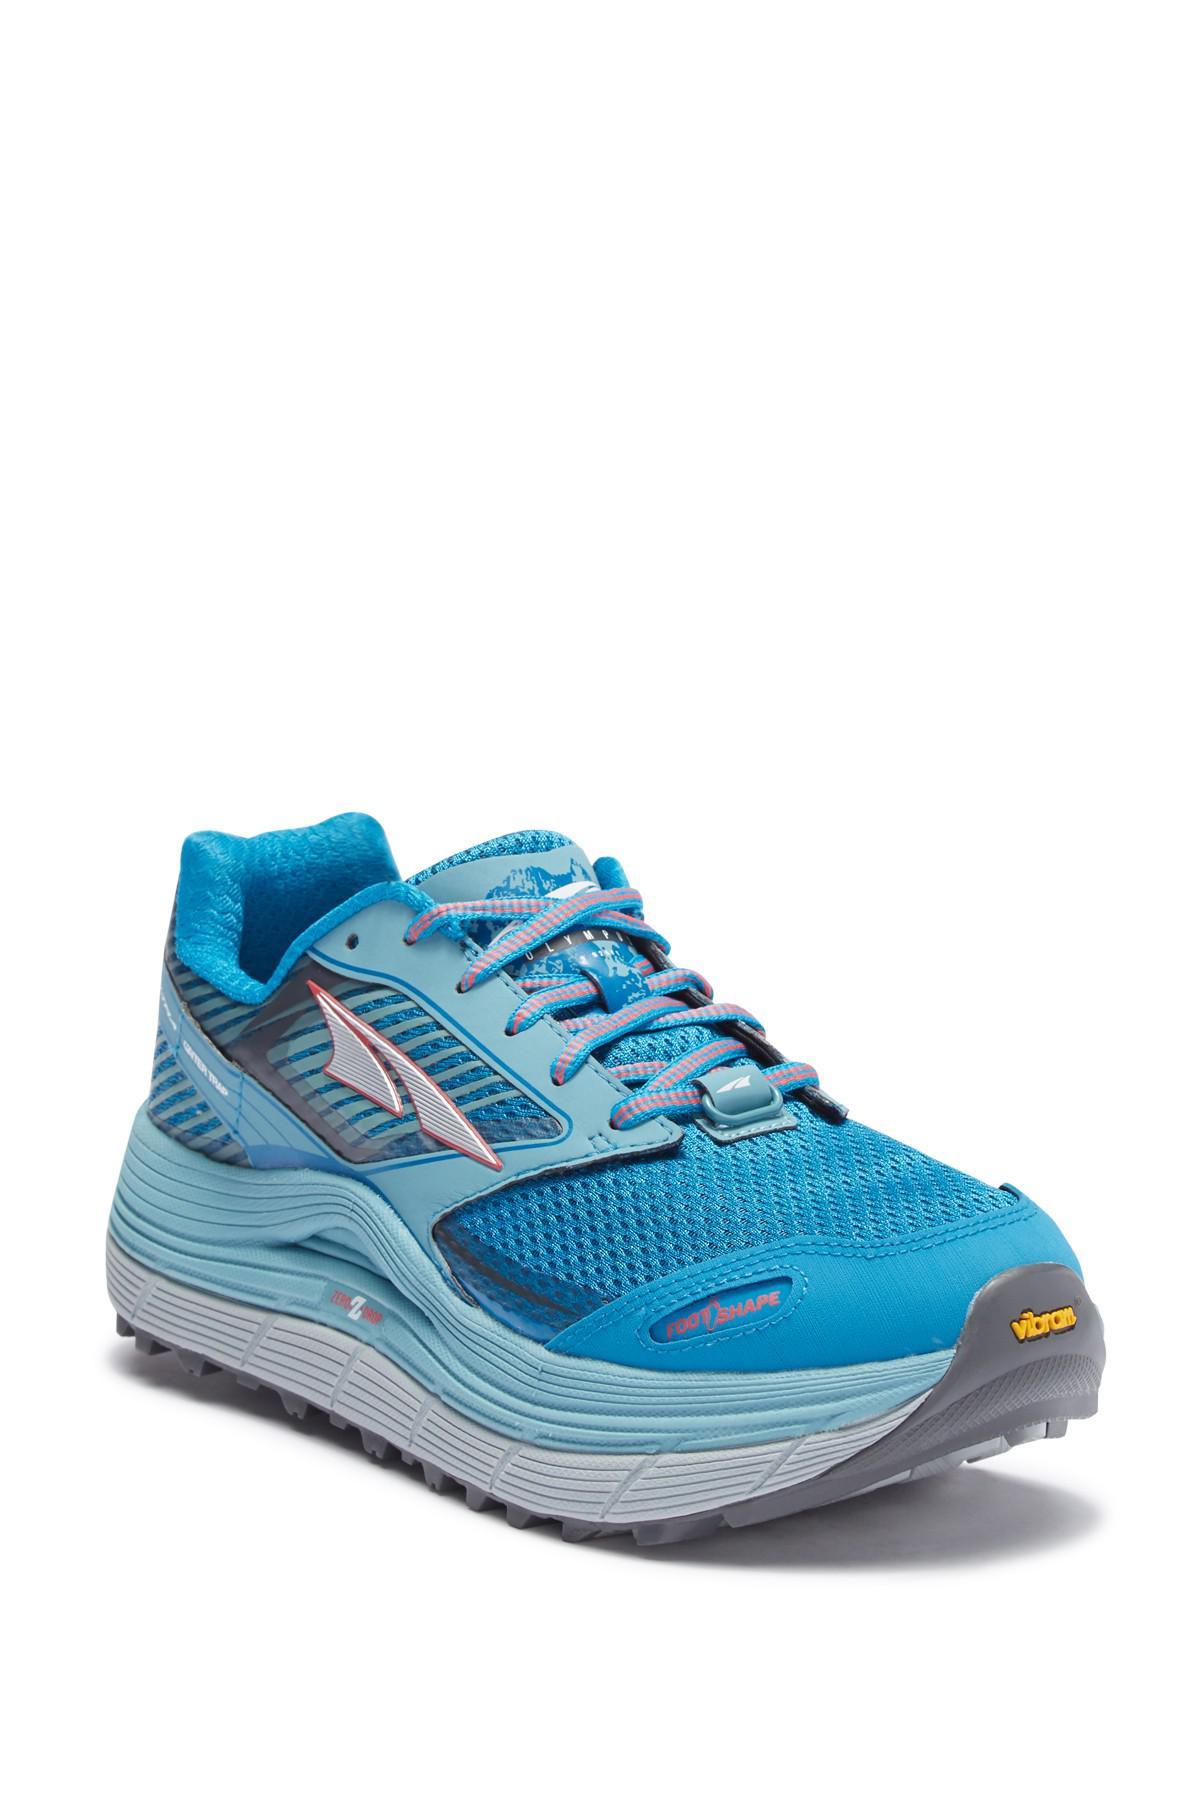 a755bae7b71b2 Lyst - Altra Olympus 2.5 Running Sneaker in Blue